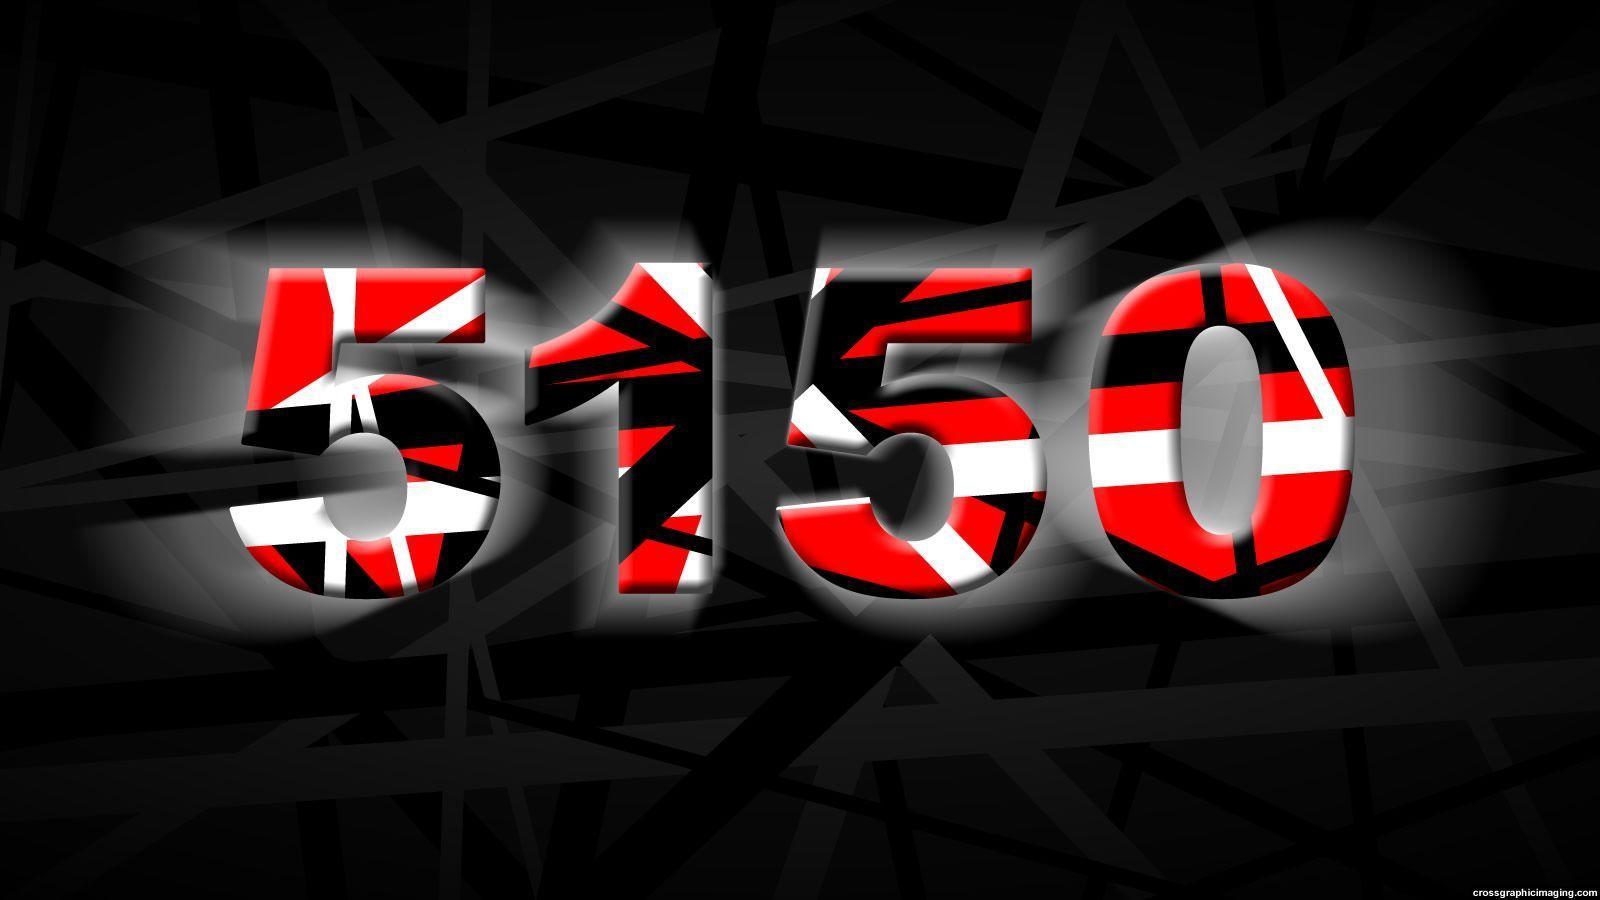 50 Van Halen Frankenstein Wallpapers Download At Wallpaperbro Van Halen Van Halen Logo Eddie Van Halen